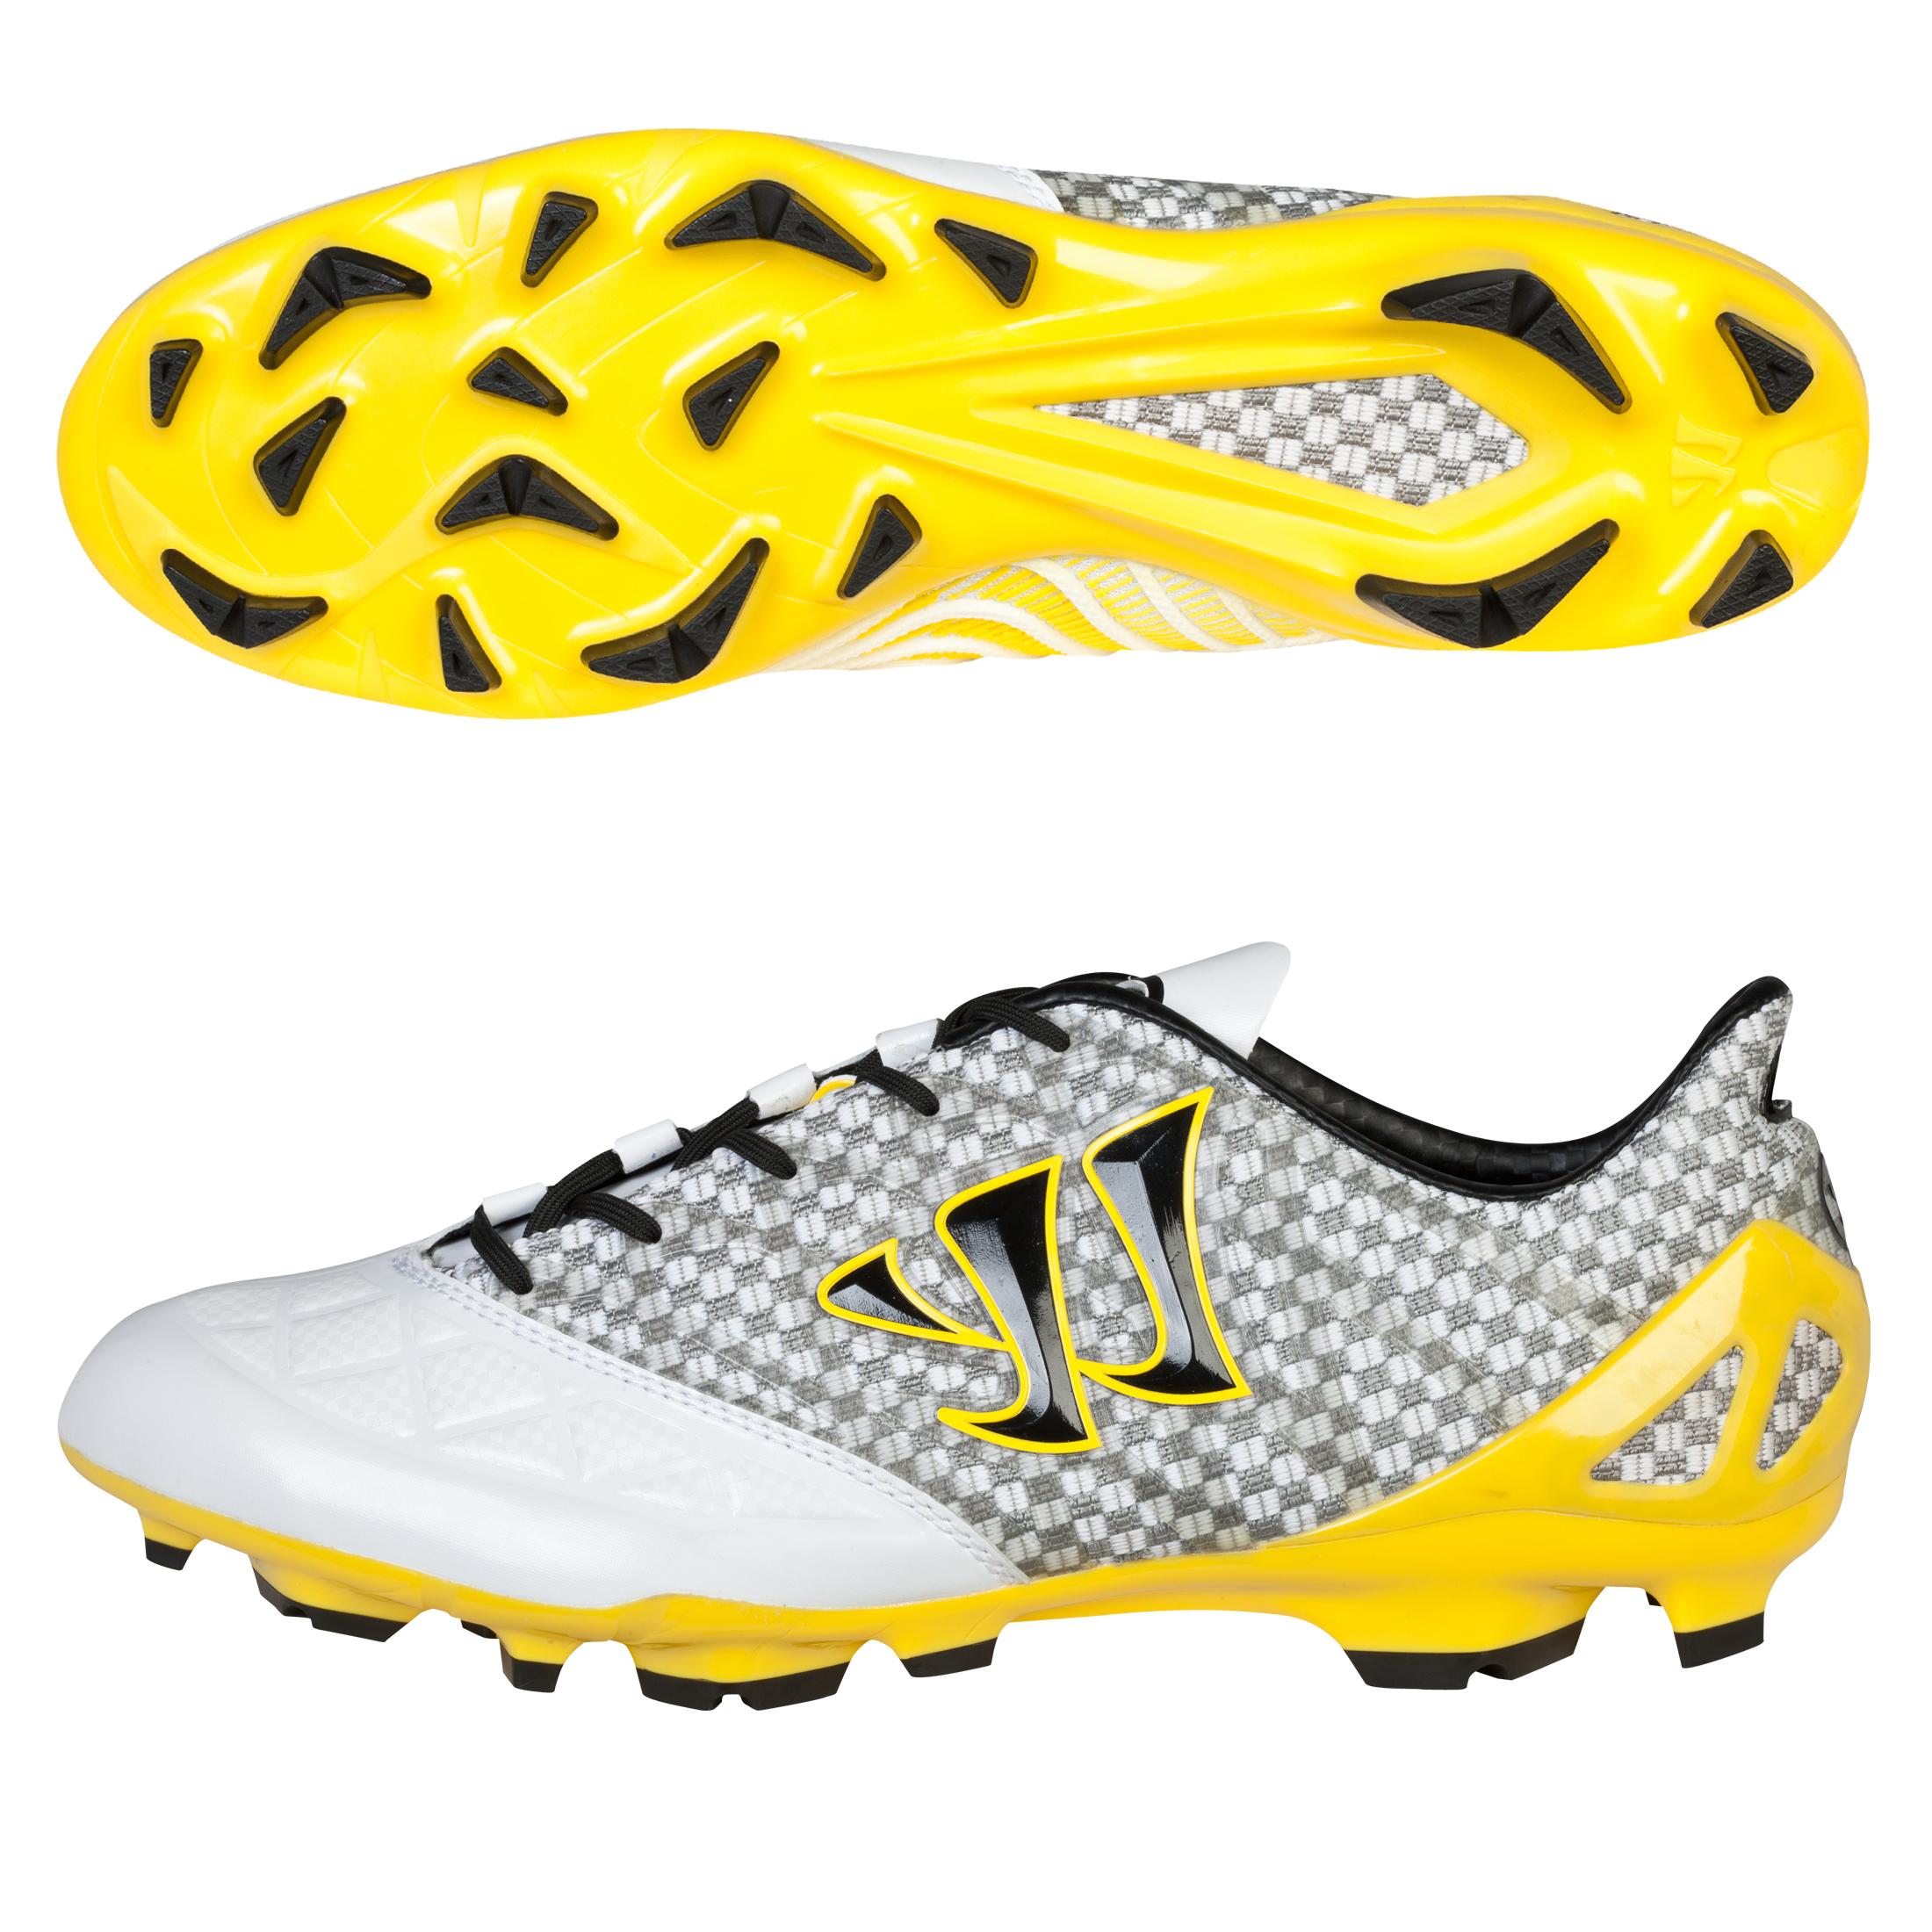 Warrior Gambler S-Lite Firm Ground Football Boots White